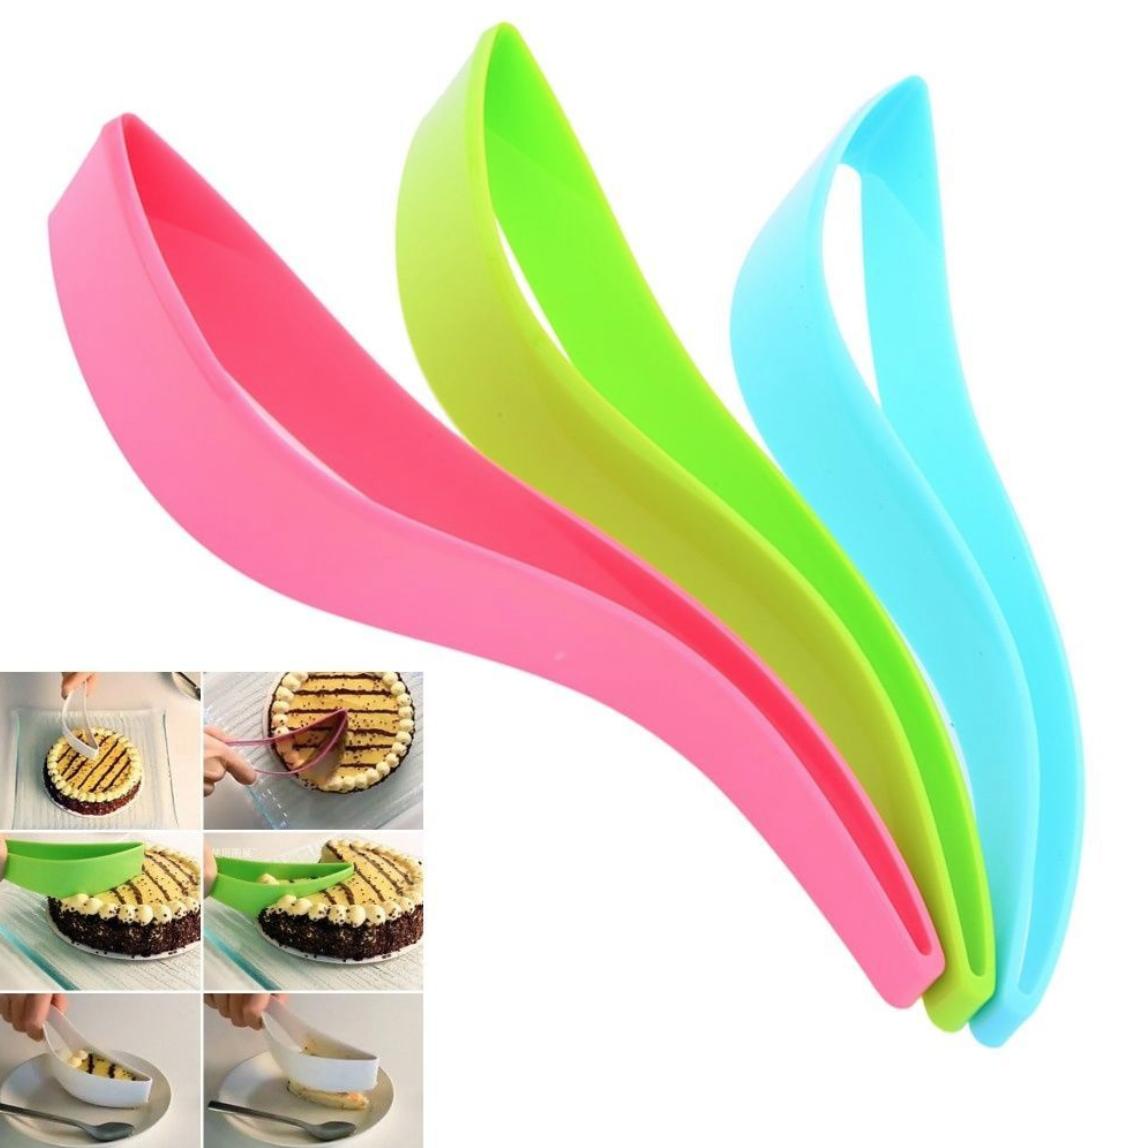 Capture d'écran 2018-01-10 à 13.10.45.png Download free STL file Cake Slicer & Server • 3D printing design, MuSSy